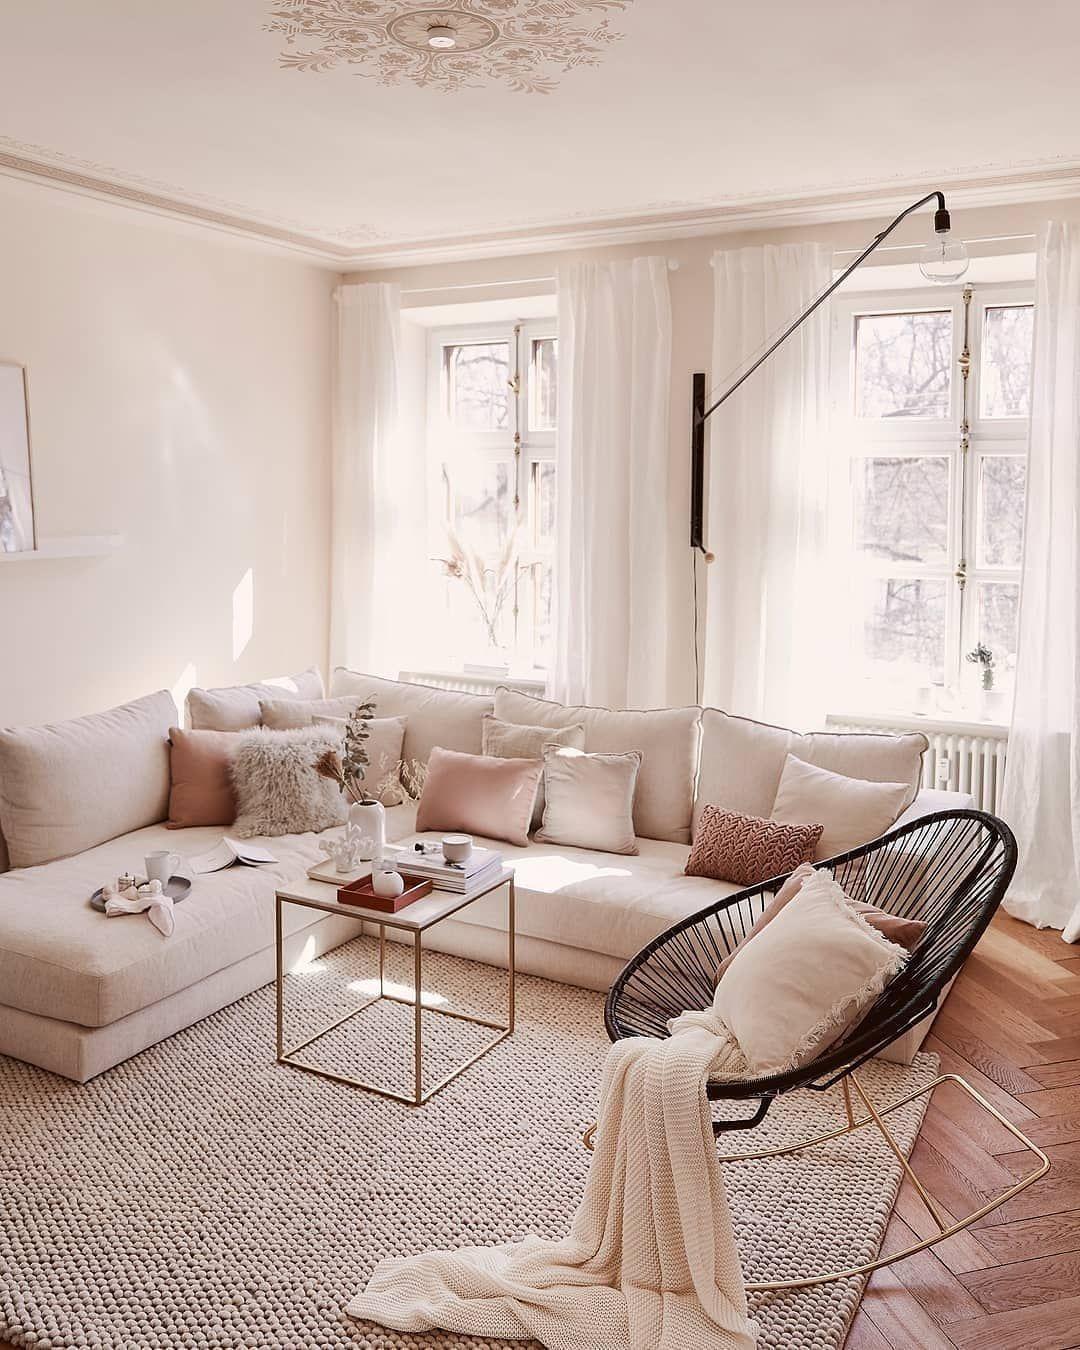 De Woonkamer Is Waarschijnlijk De Plaats Waar We Het Grootste Deel Van Onze Tijd Doorbren Chic Living Room Decor Contemporary Chic Living Room Chic Living Room